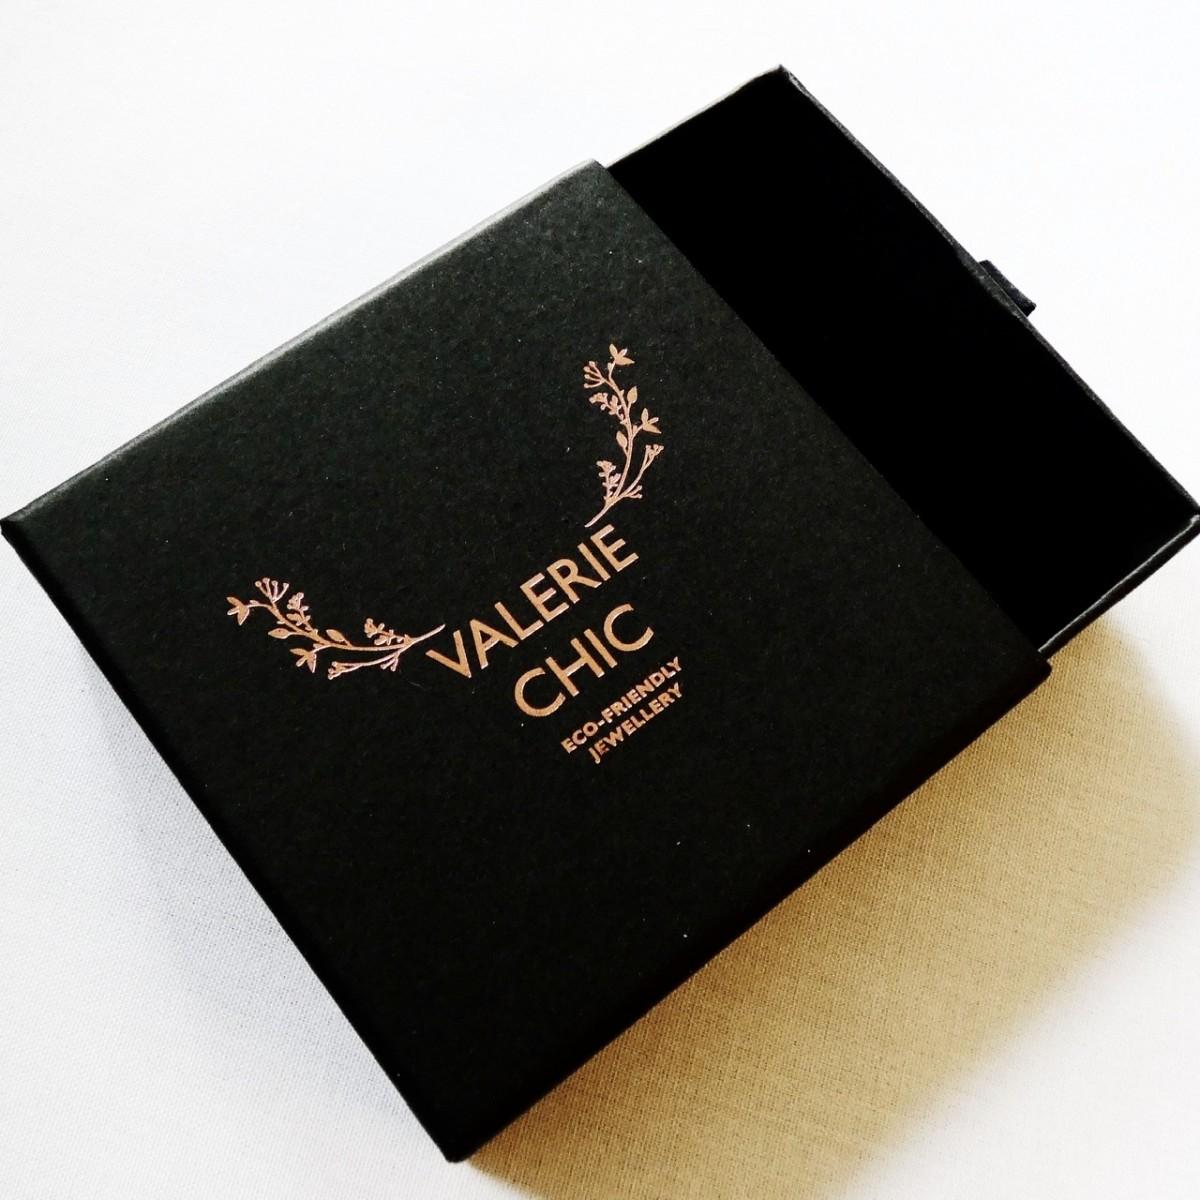 Valerie Chic - BILLIE Ohrringe - 18 Karat vergoldet, Büffelhorn